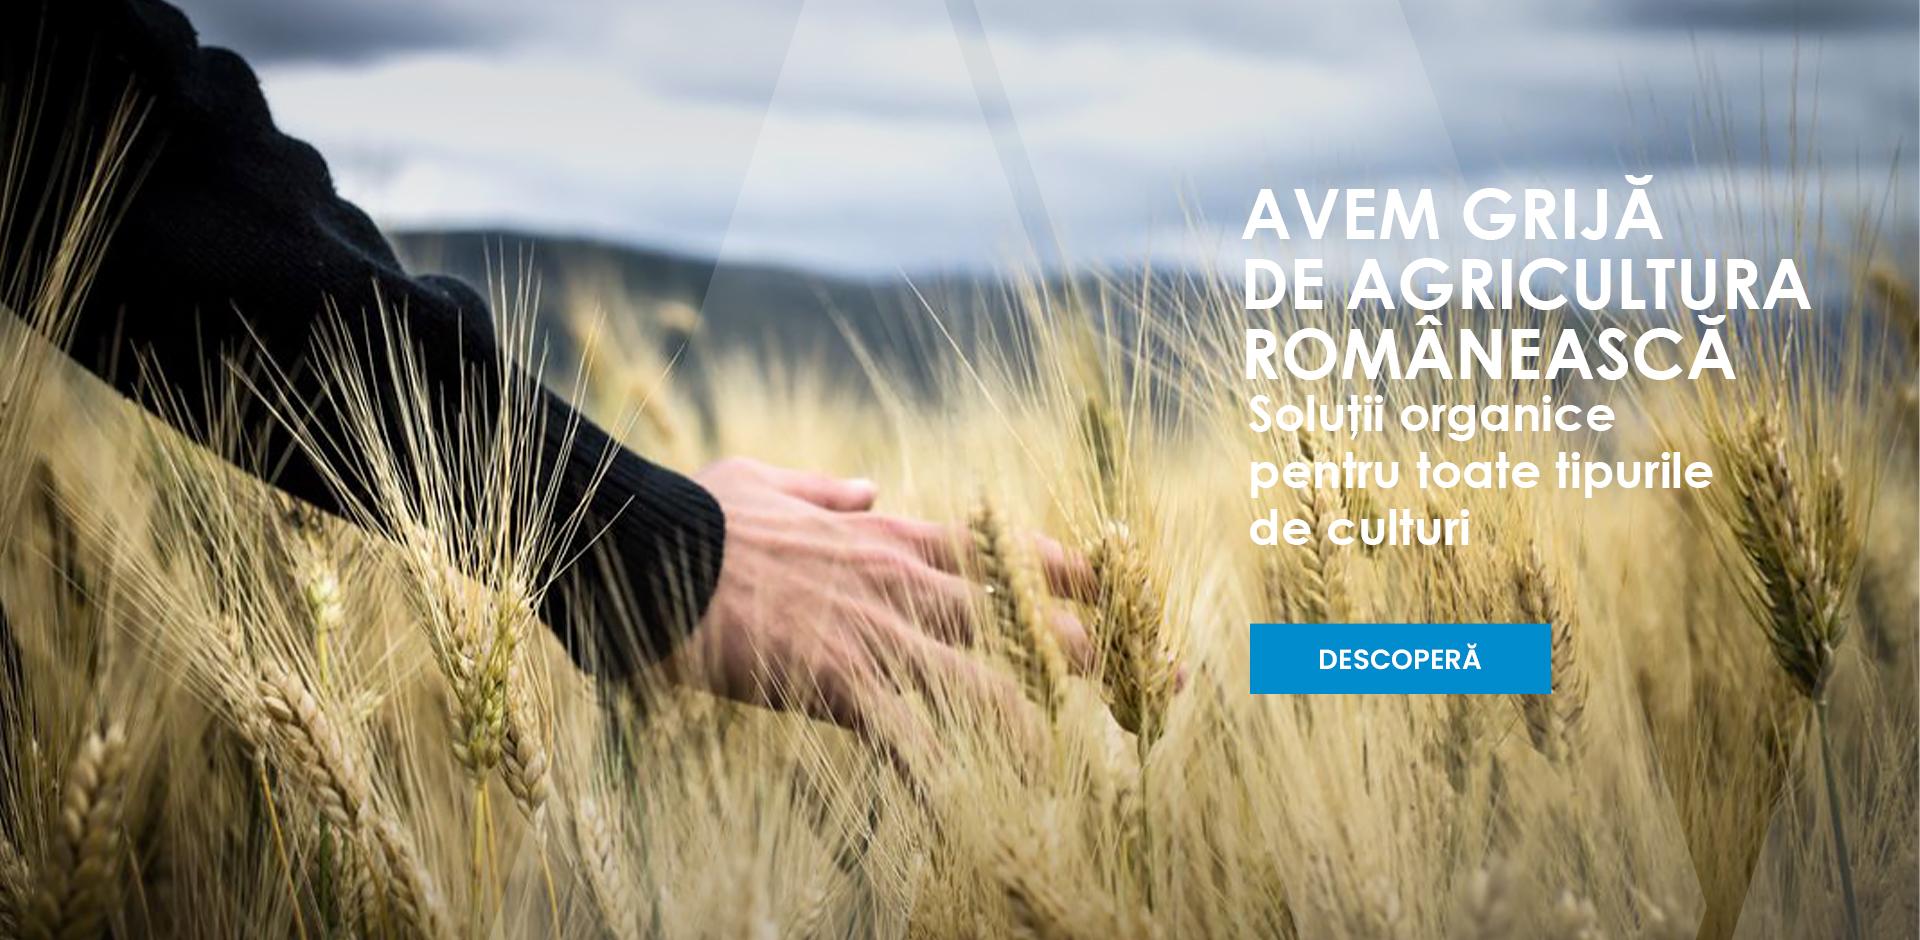 Avem grija de agricultura romaneasca